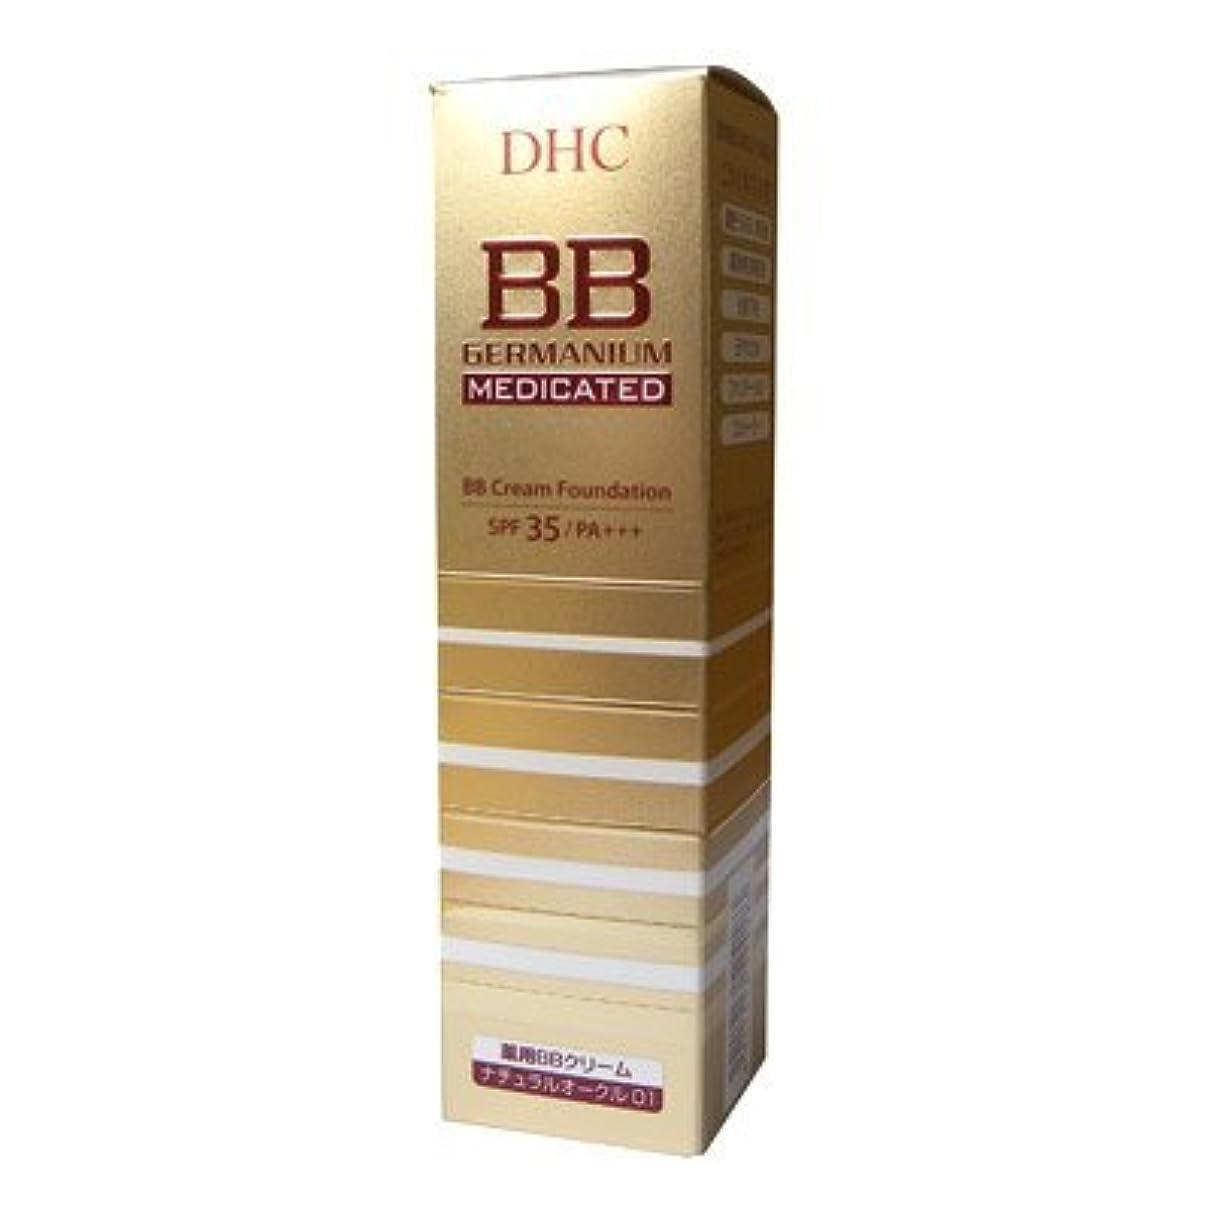 メディカル電気的水っぽいDHC 薬用 BBクリーム GE 01ナチュラルオークル 40g 医薬部外品